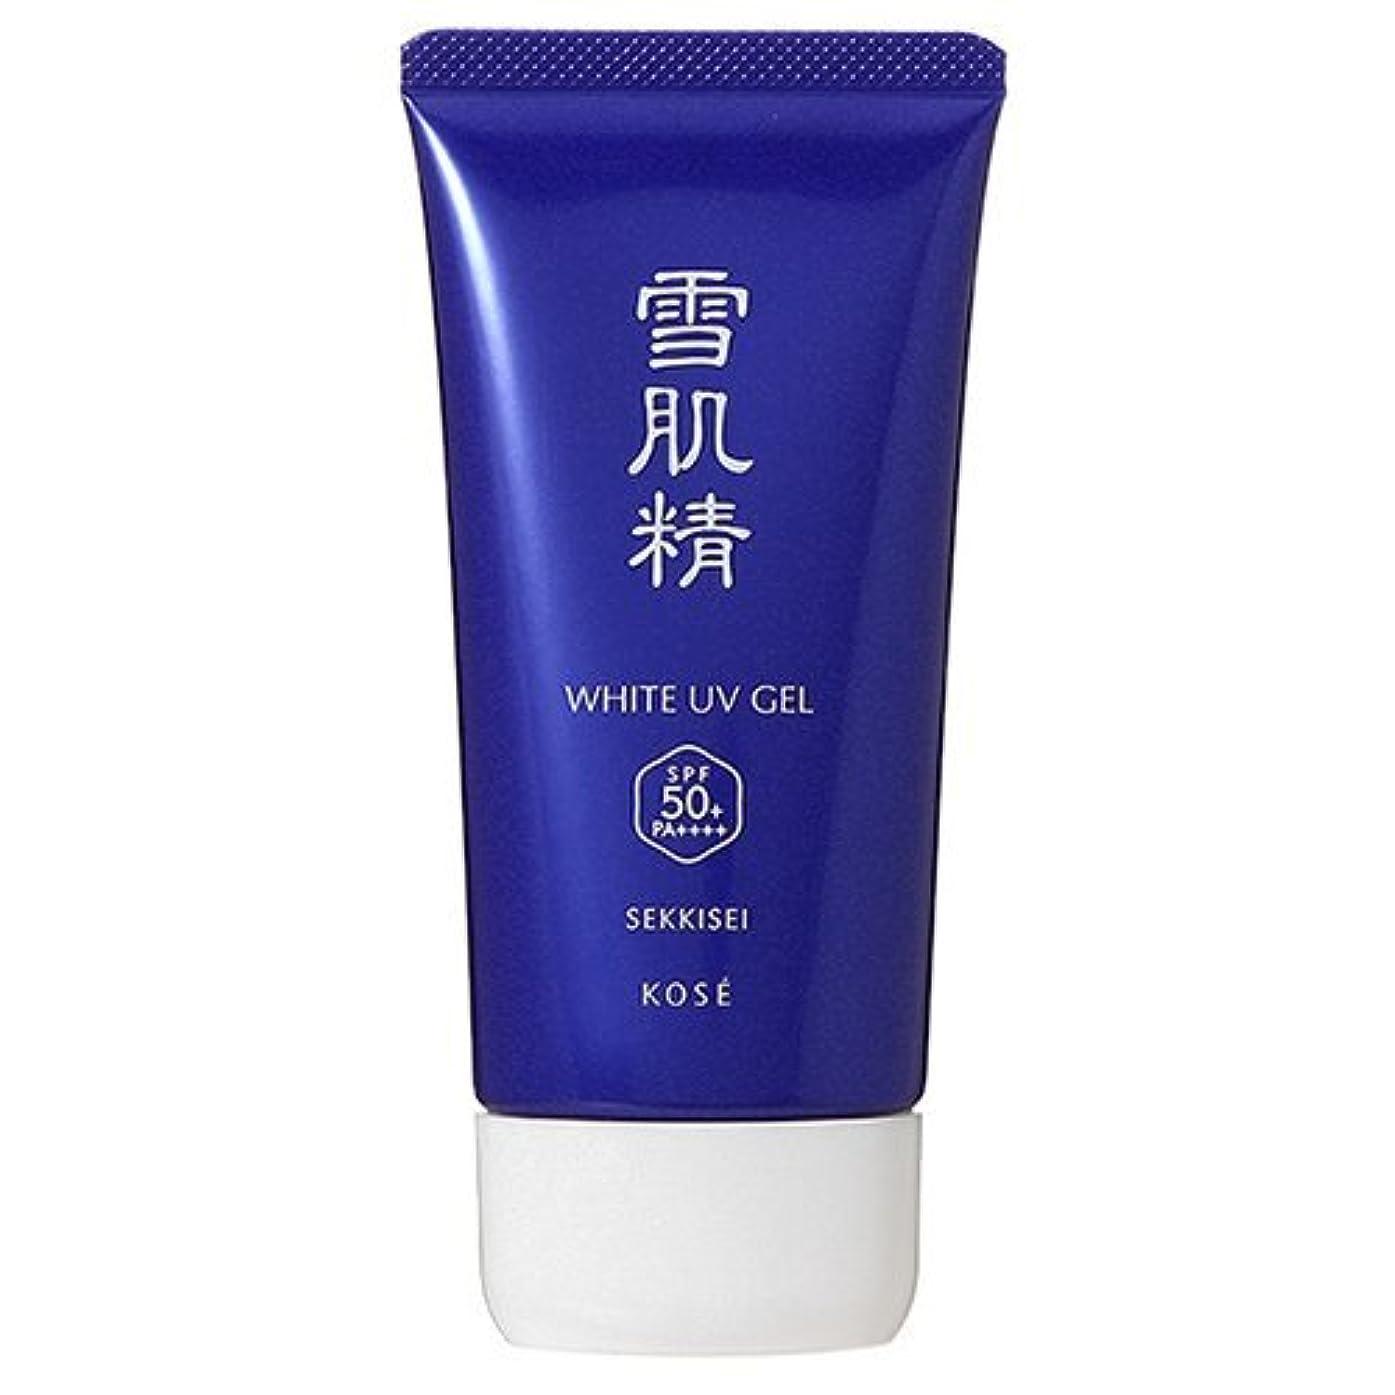 驚くべき除外する剃るコーセー 雪肌精 ホワイト UV ジェル SPF50+/PA++++ 80g